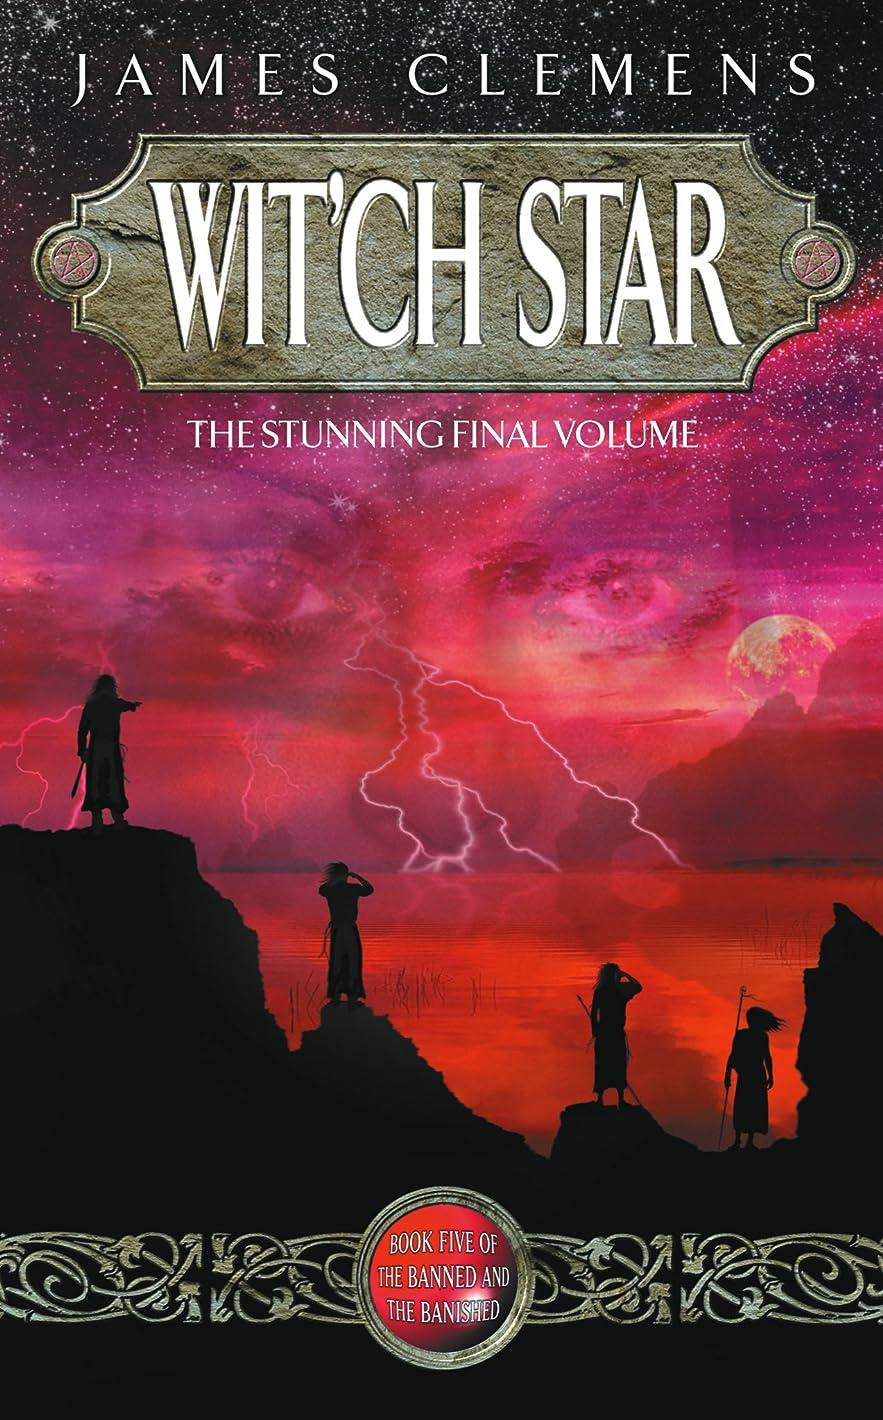 できればスピーカー直面するWit'ch Star: The Banned and the Bannished Book Five (Banned and the Banished 5) (English Edition)